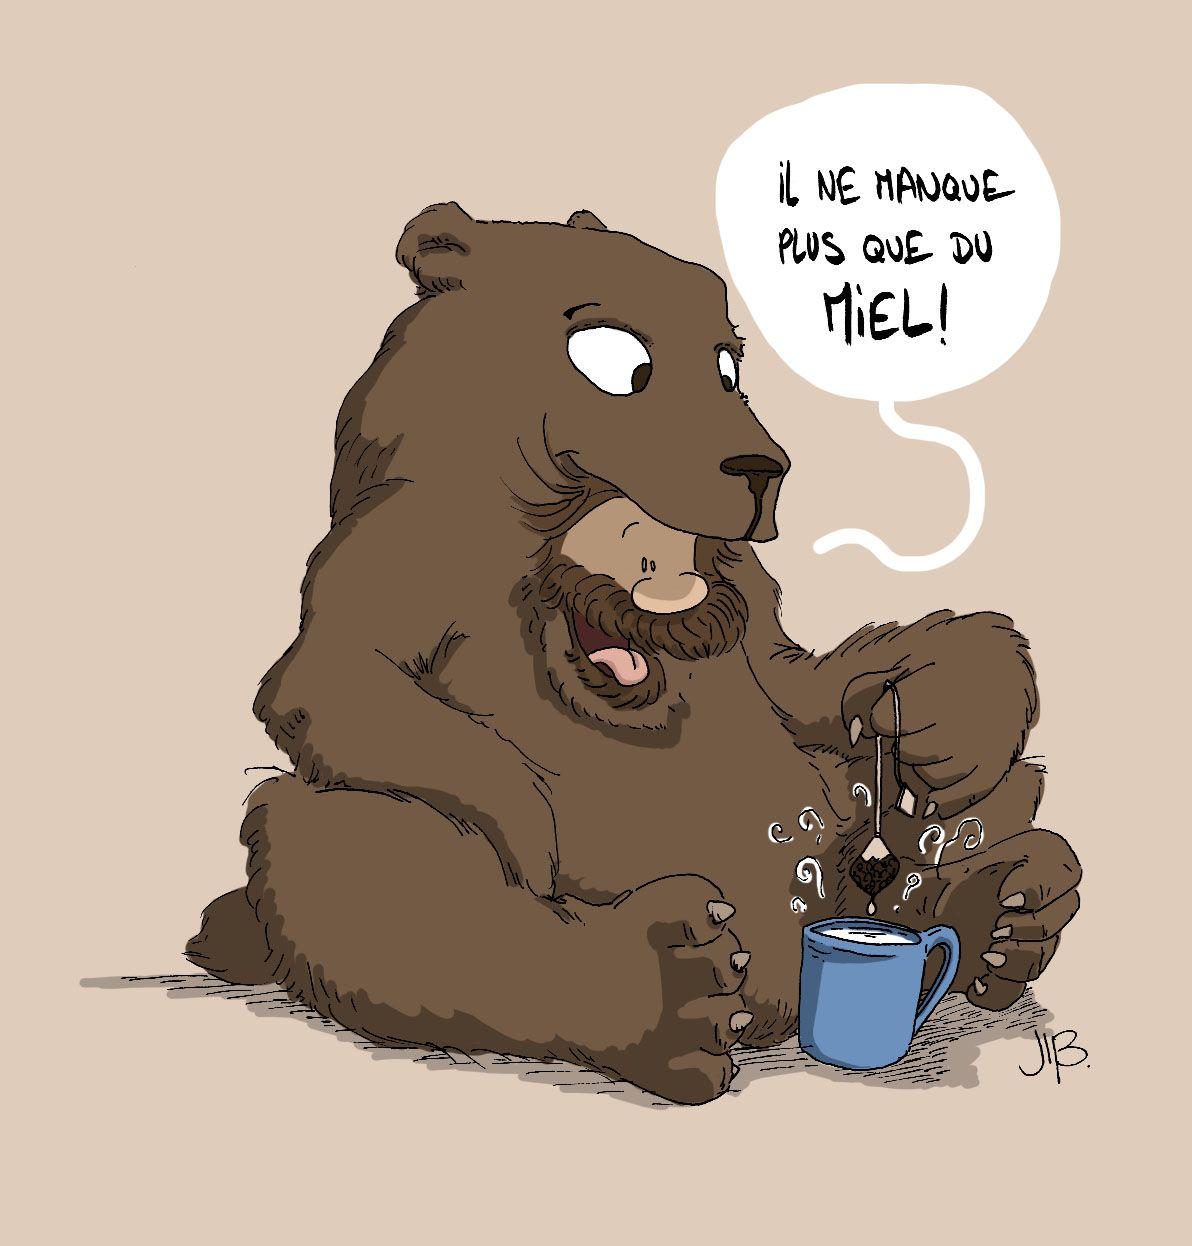 Penses à mettre un p'tit coup de miel dans ton thé ! #ours &  #Miel   #bear & #honey